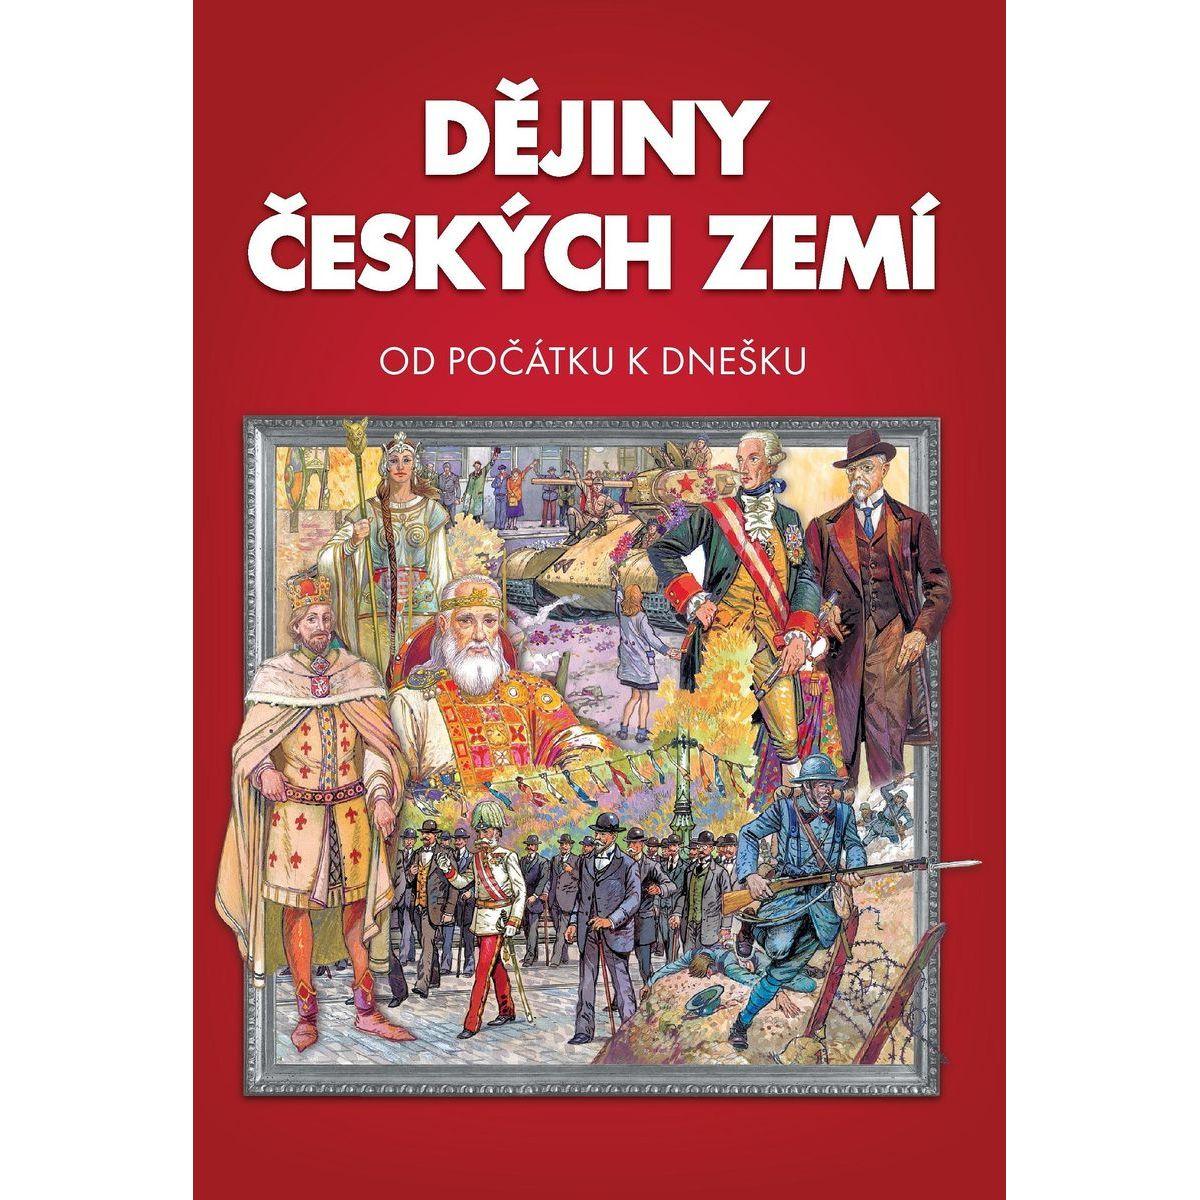 Sun Dejiny českých zemí Od počiatku k dnešku